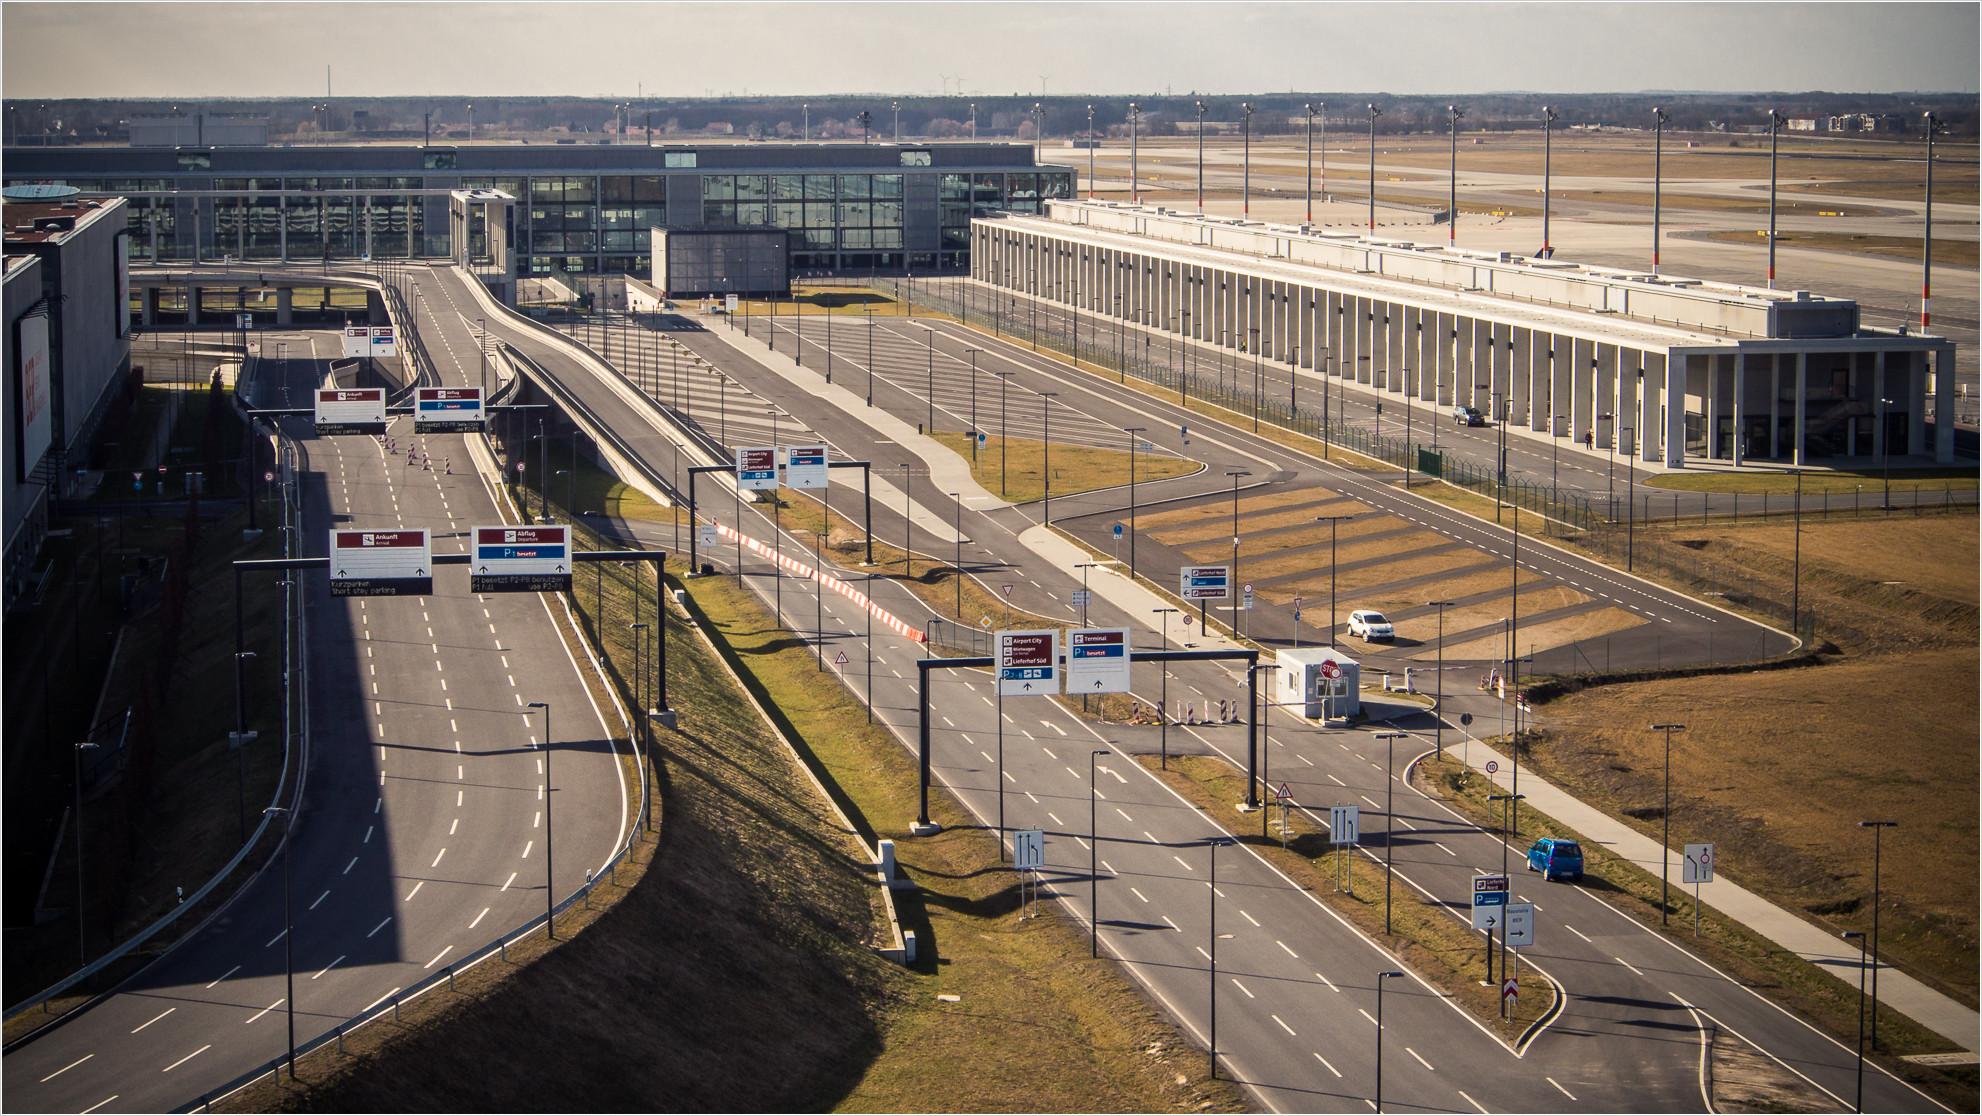 Flughafen Willy Brandt vom Aussichtsturm